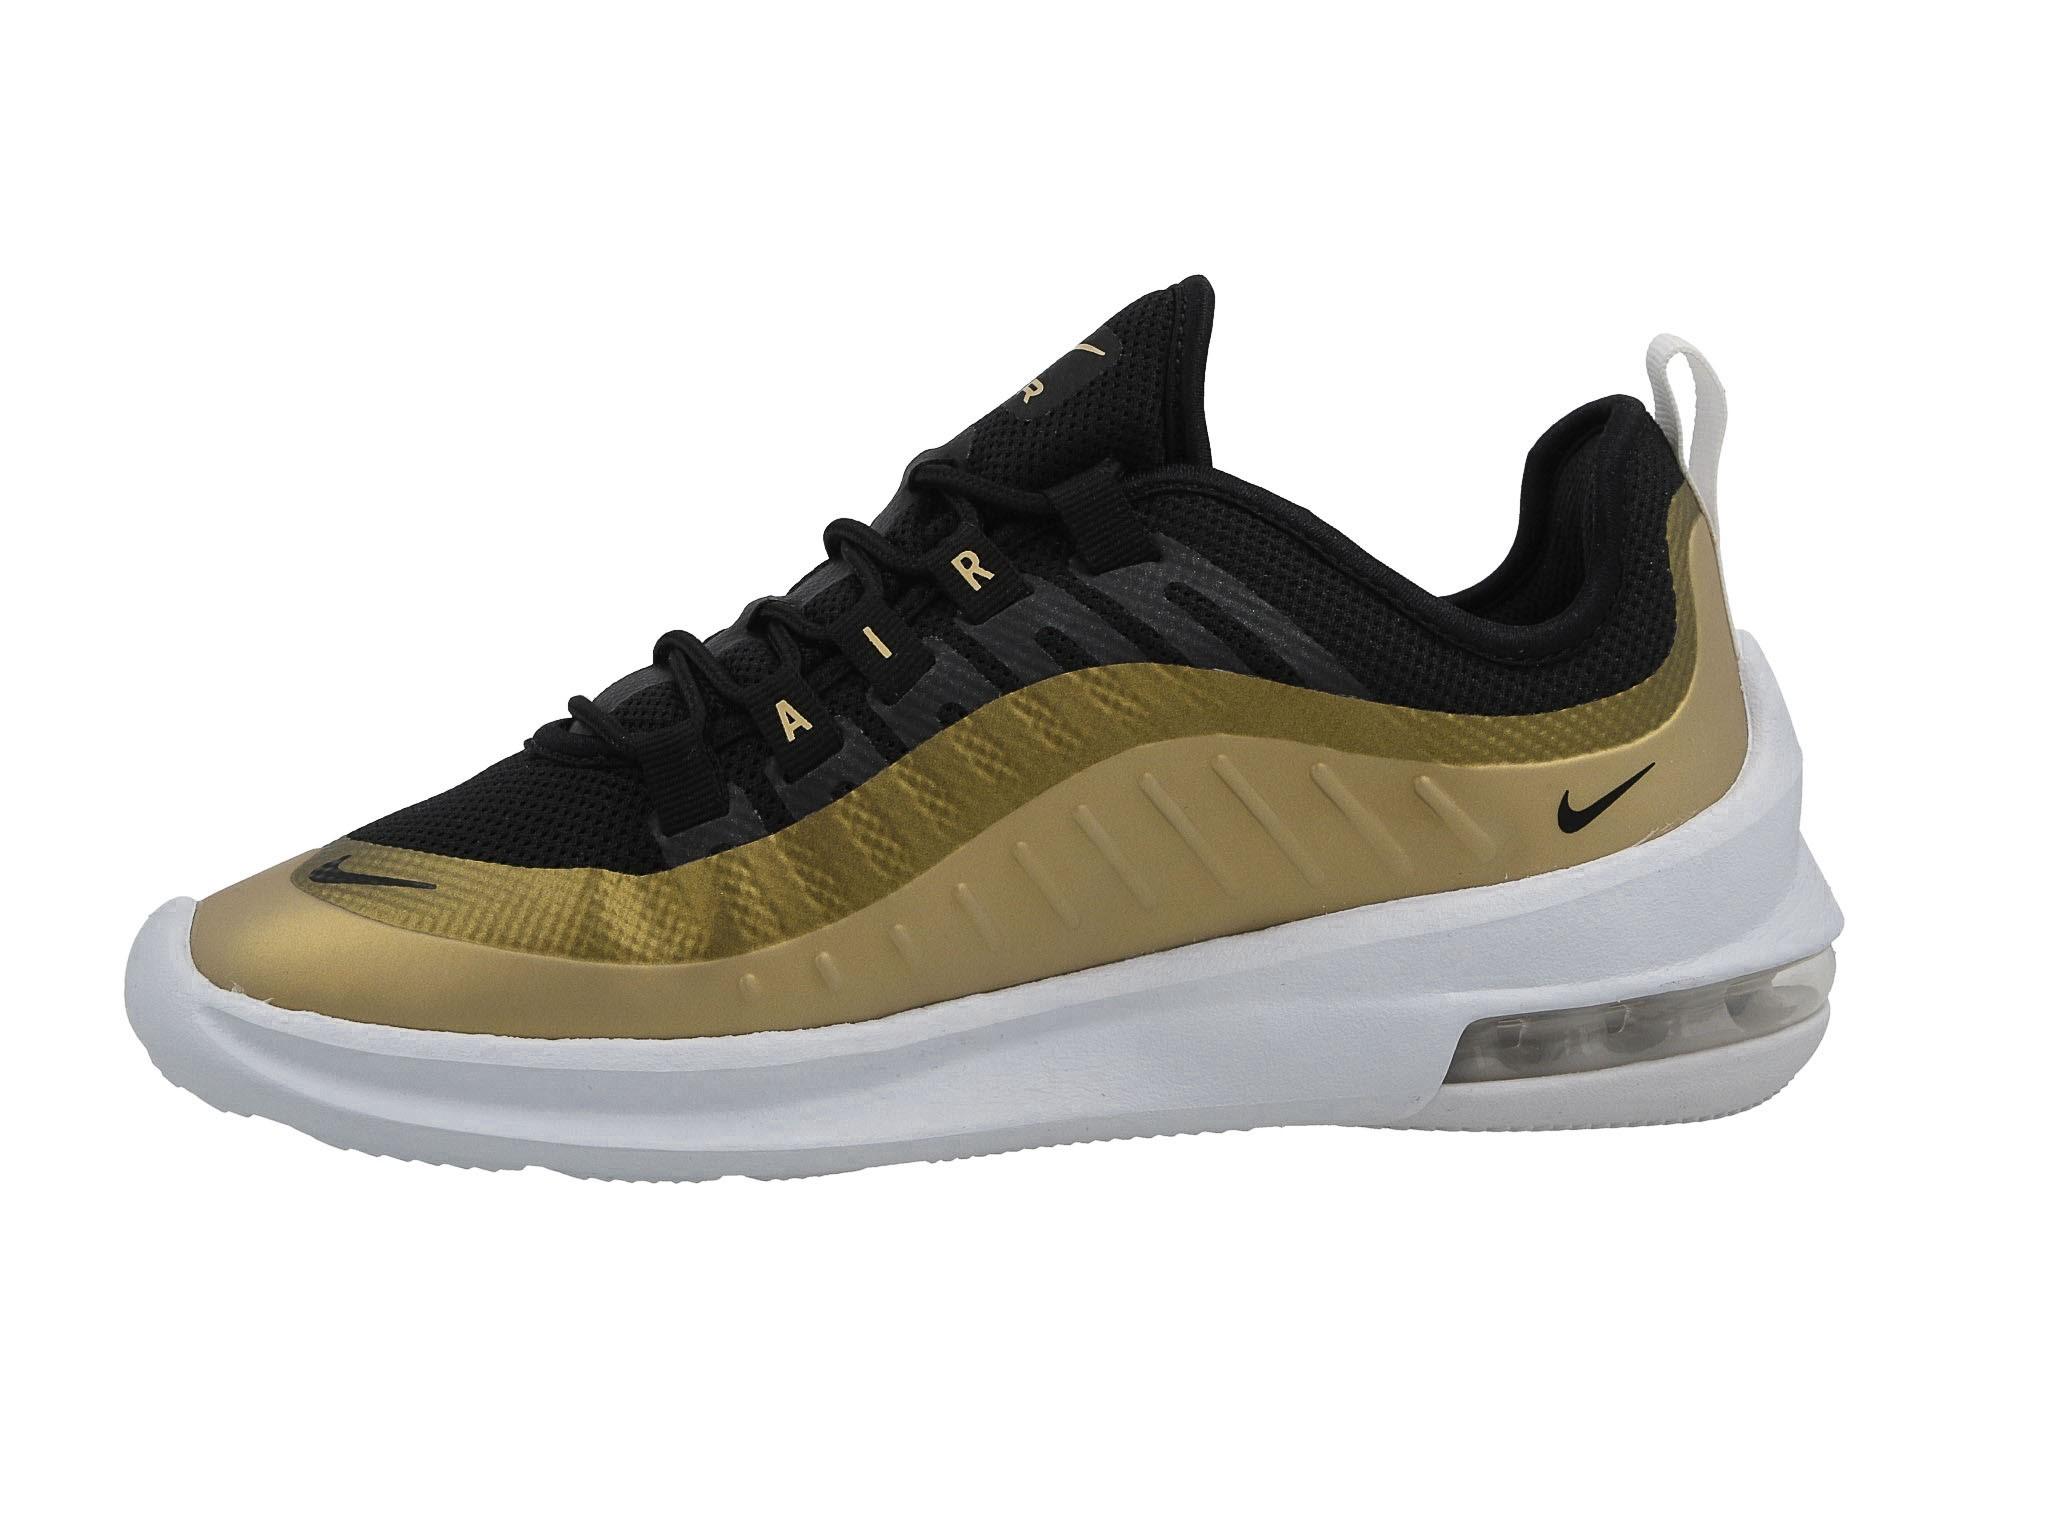 Cipő NIKE Air Max Axis AA2146 011 BlackBlackMtlc Gold